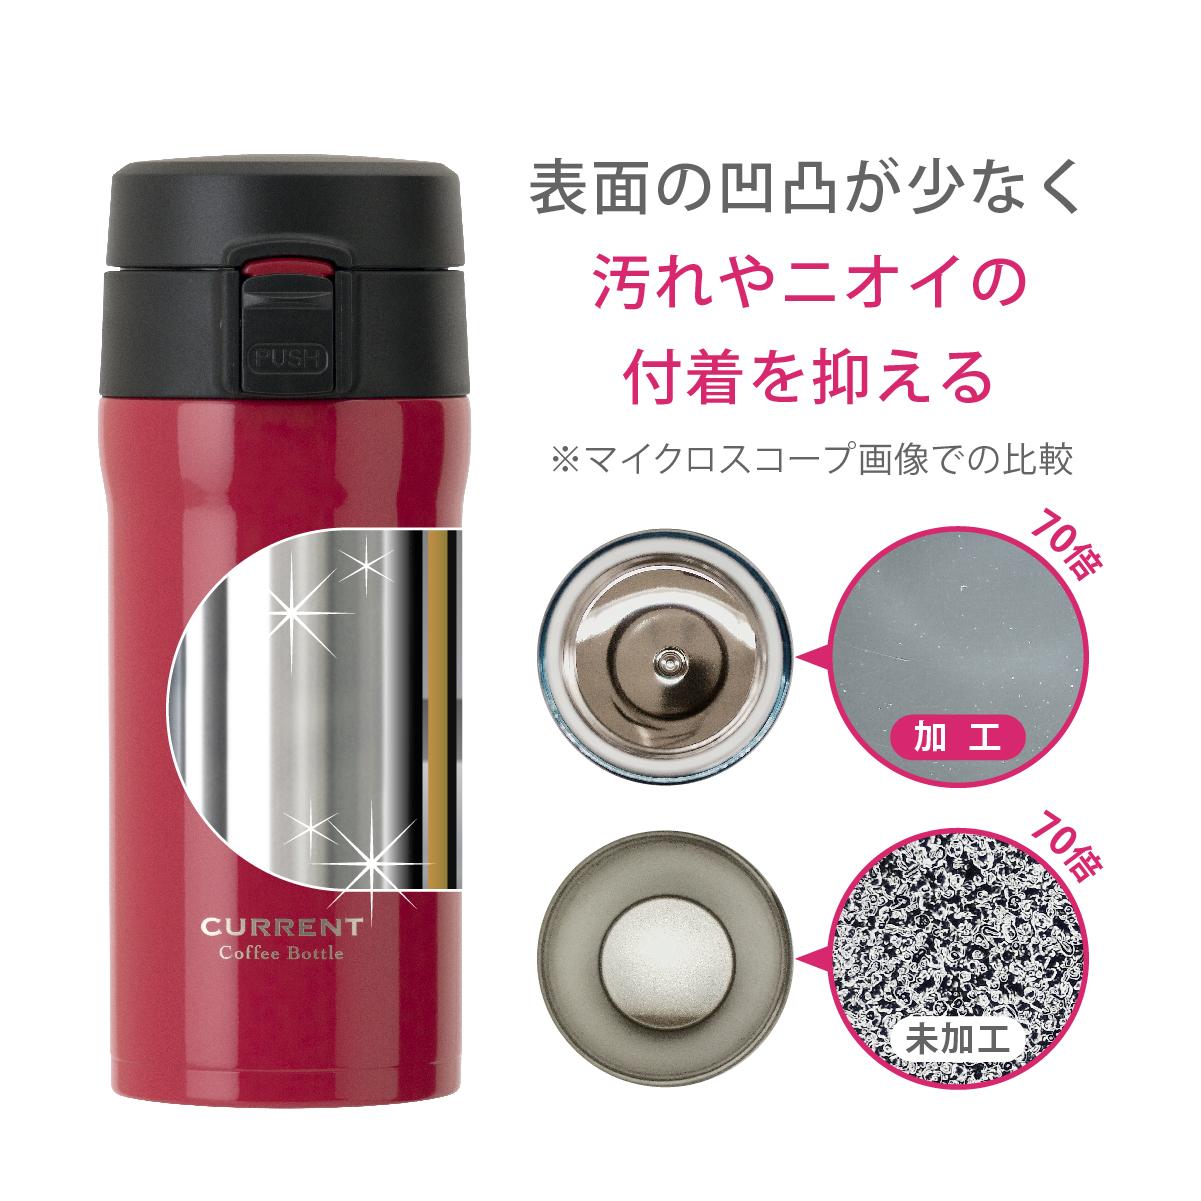 CURRENT コーヒーワンタッチボトル 350ml レッド image03